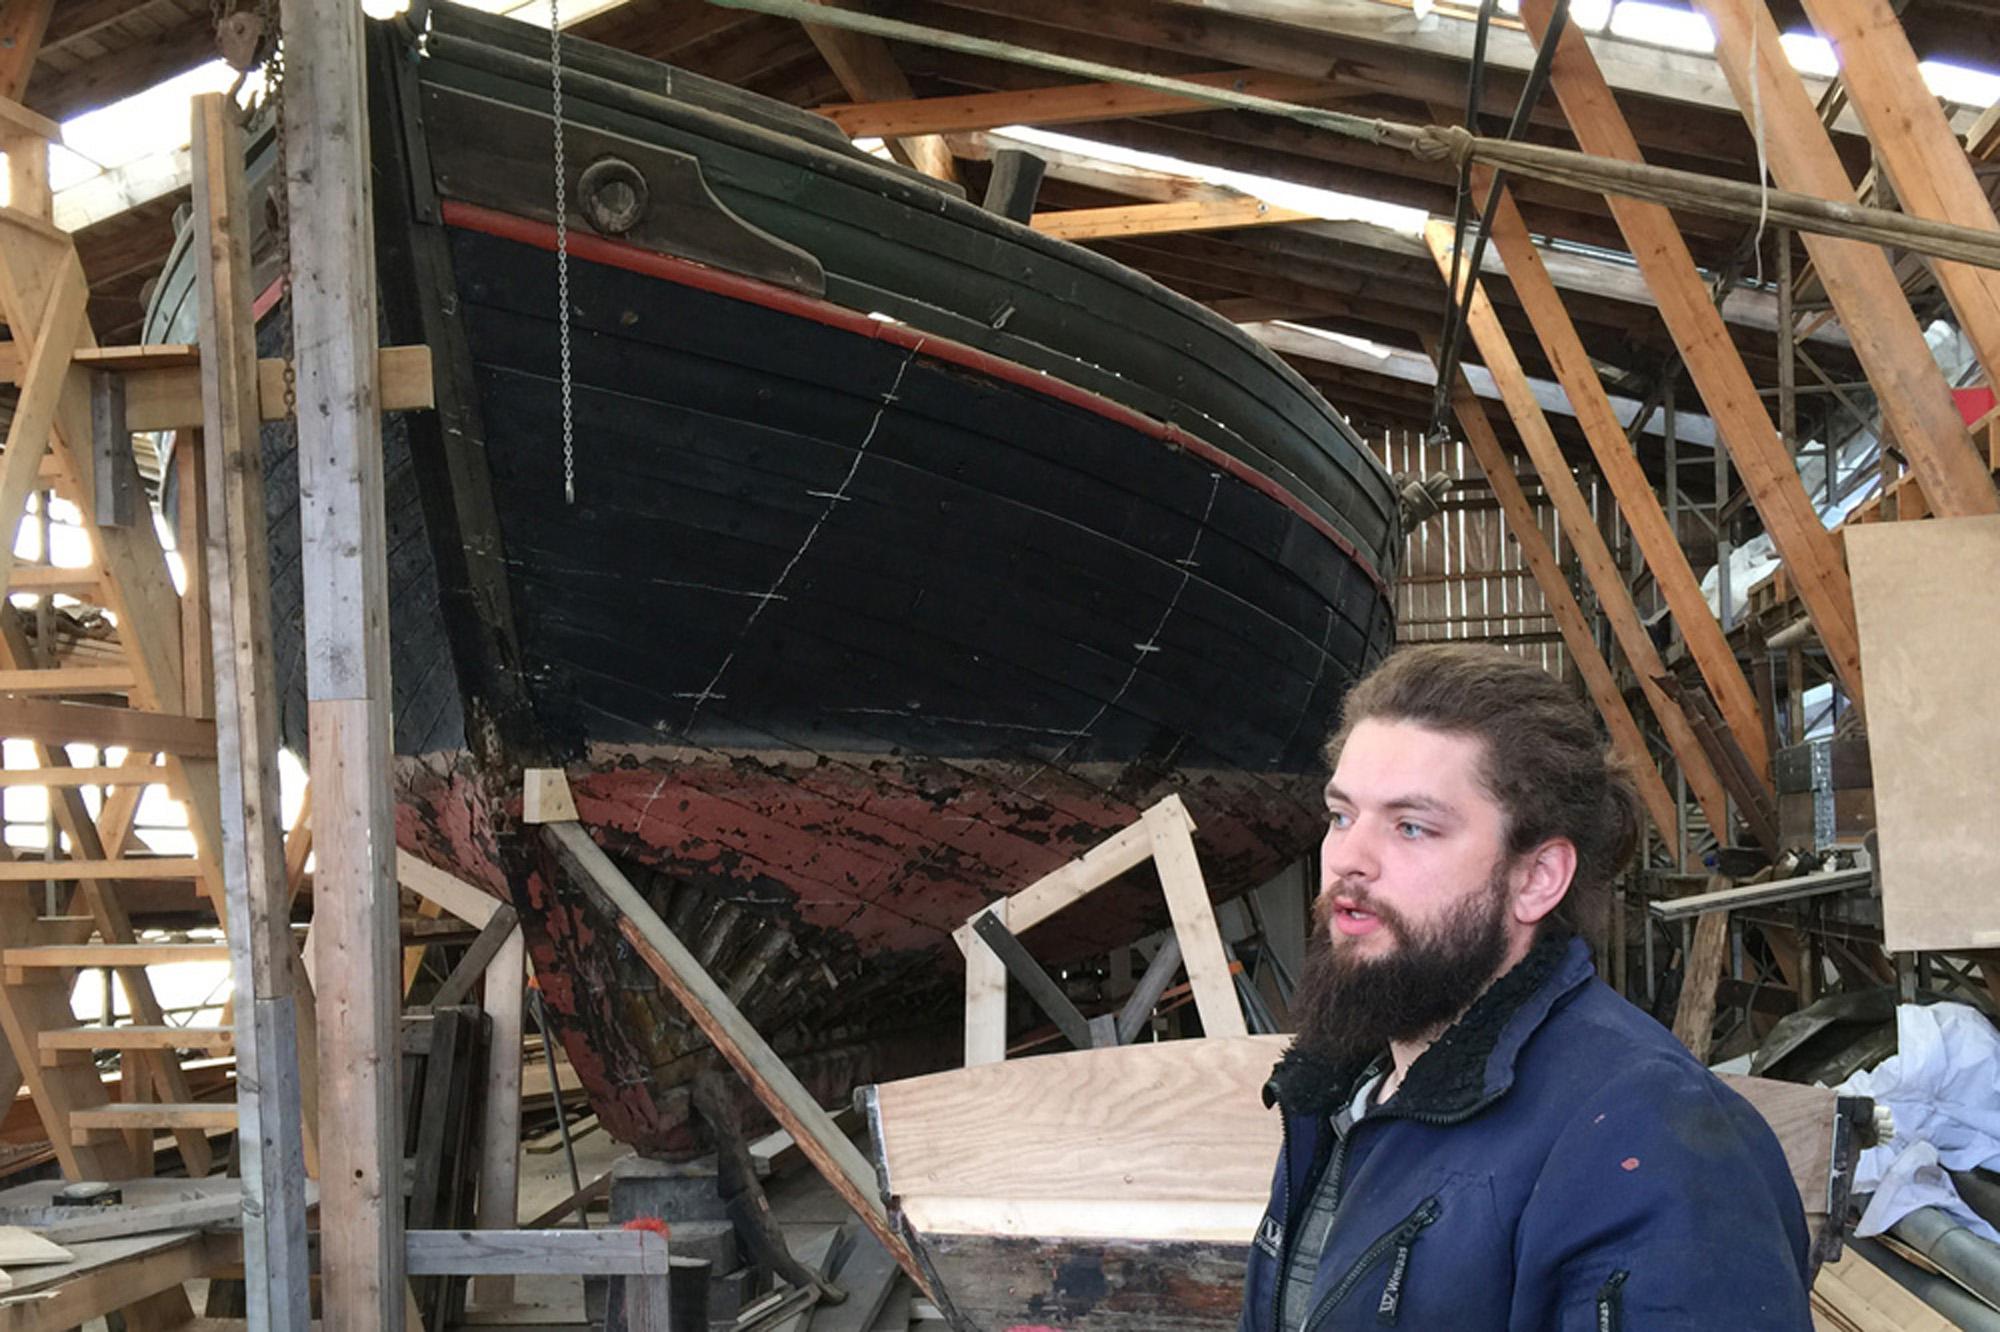 Trebåtbyggerlærling Gudmundur Nordbud foran Jakt Jelse